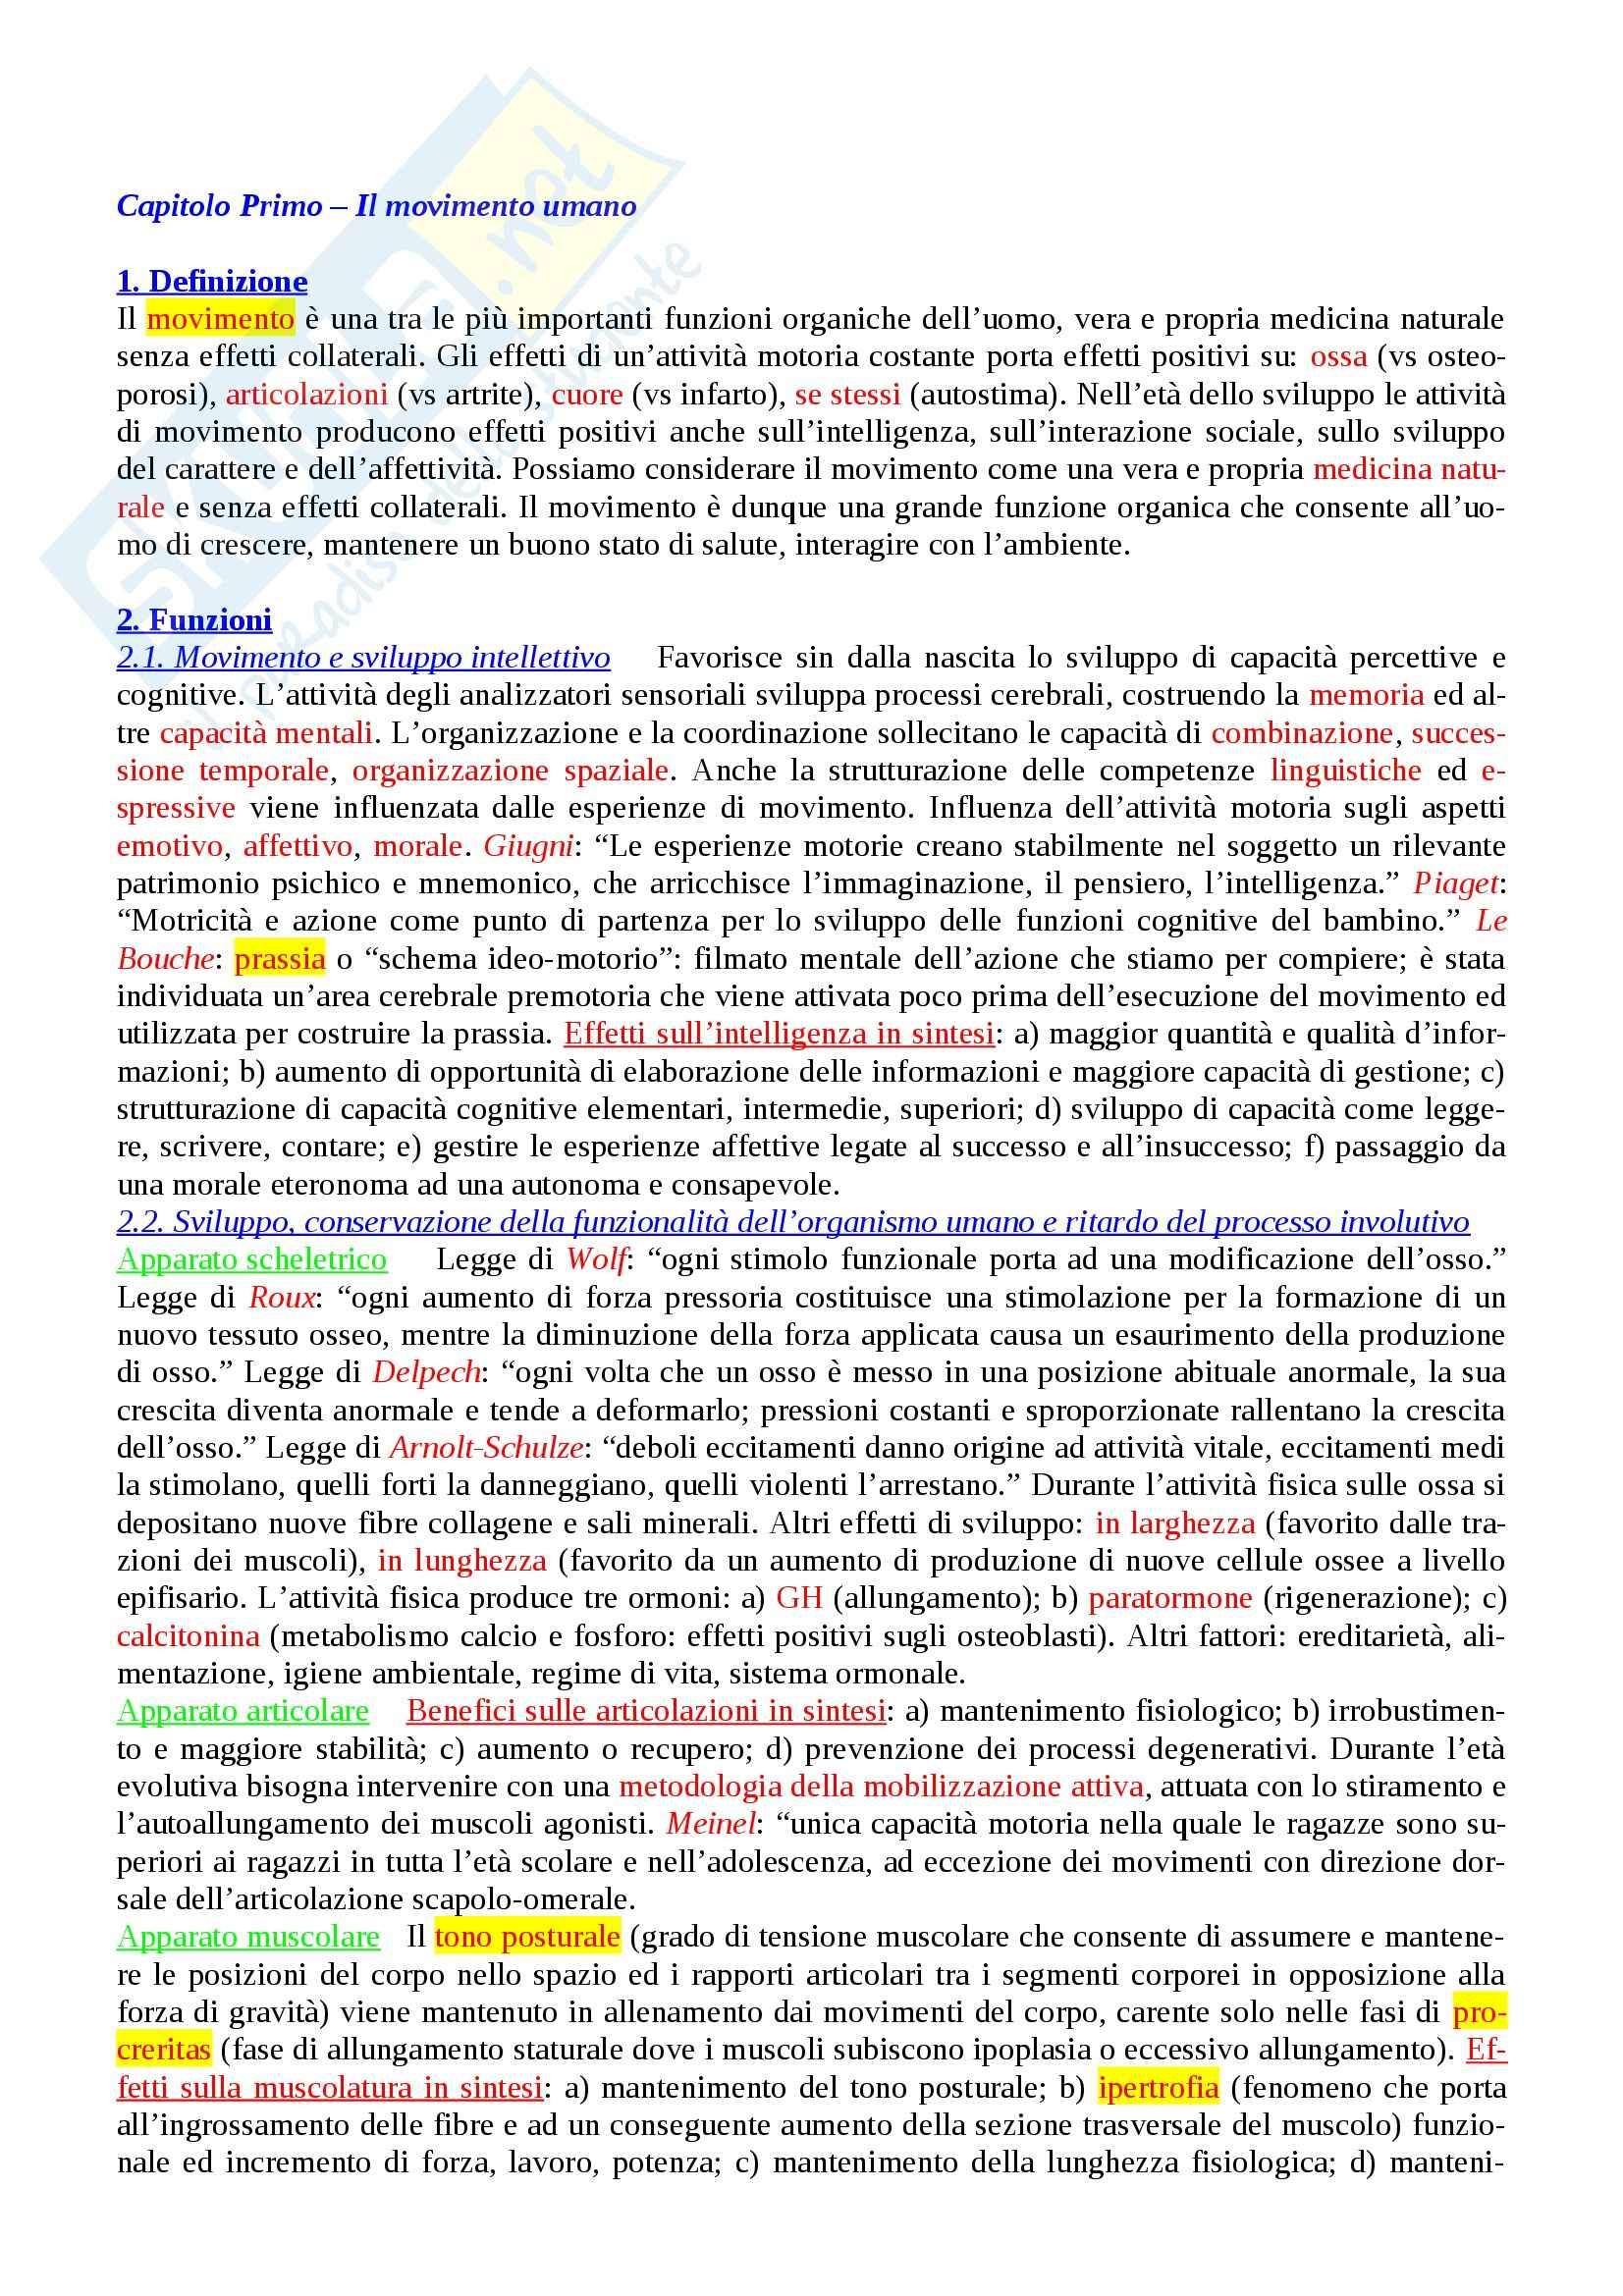 Riassunto esame Teoria e Metodologia del Movimento Umano, prof. Casolo, libro consigliato Lineamenti di Teoria e Metodologia del Movimento Umano